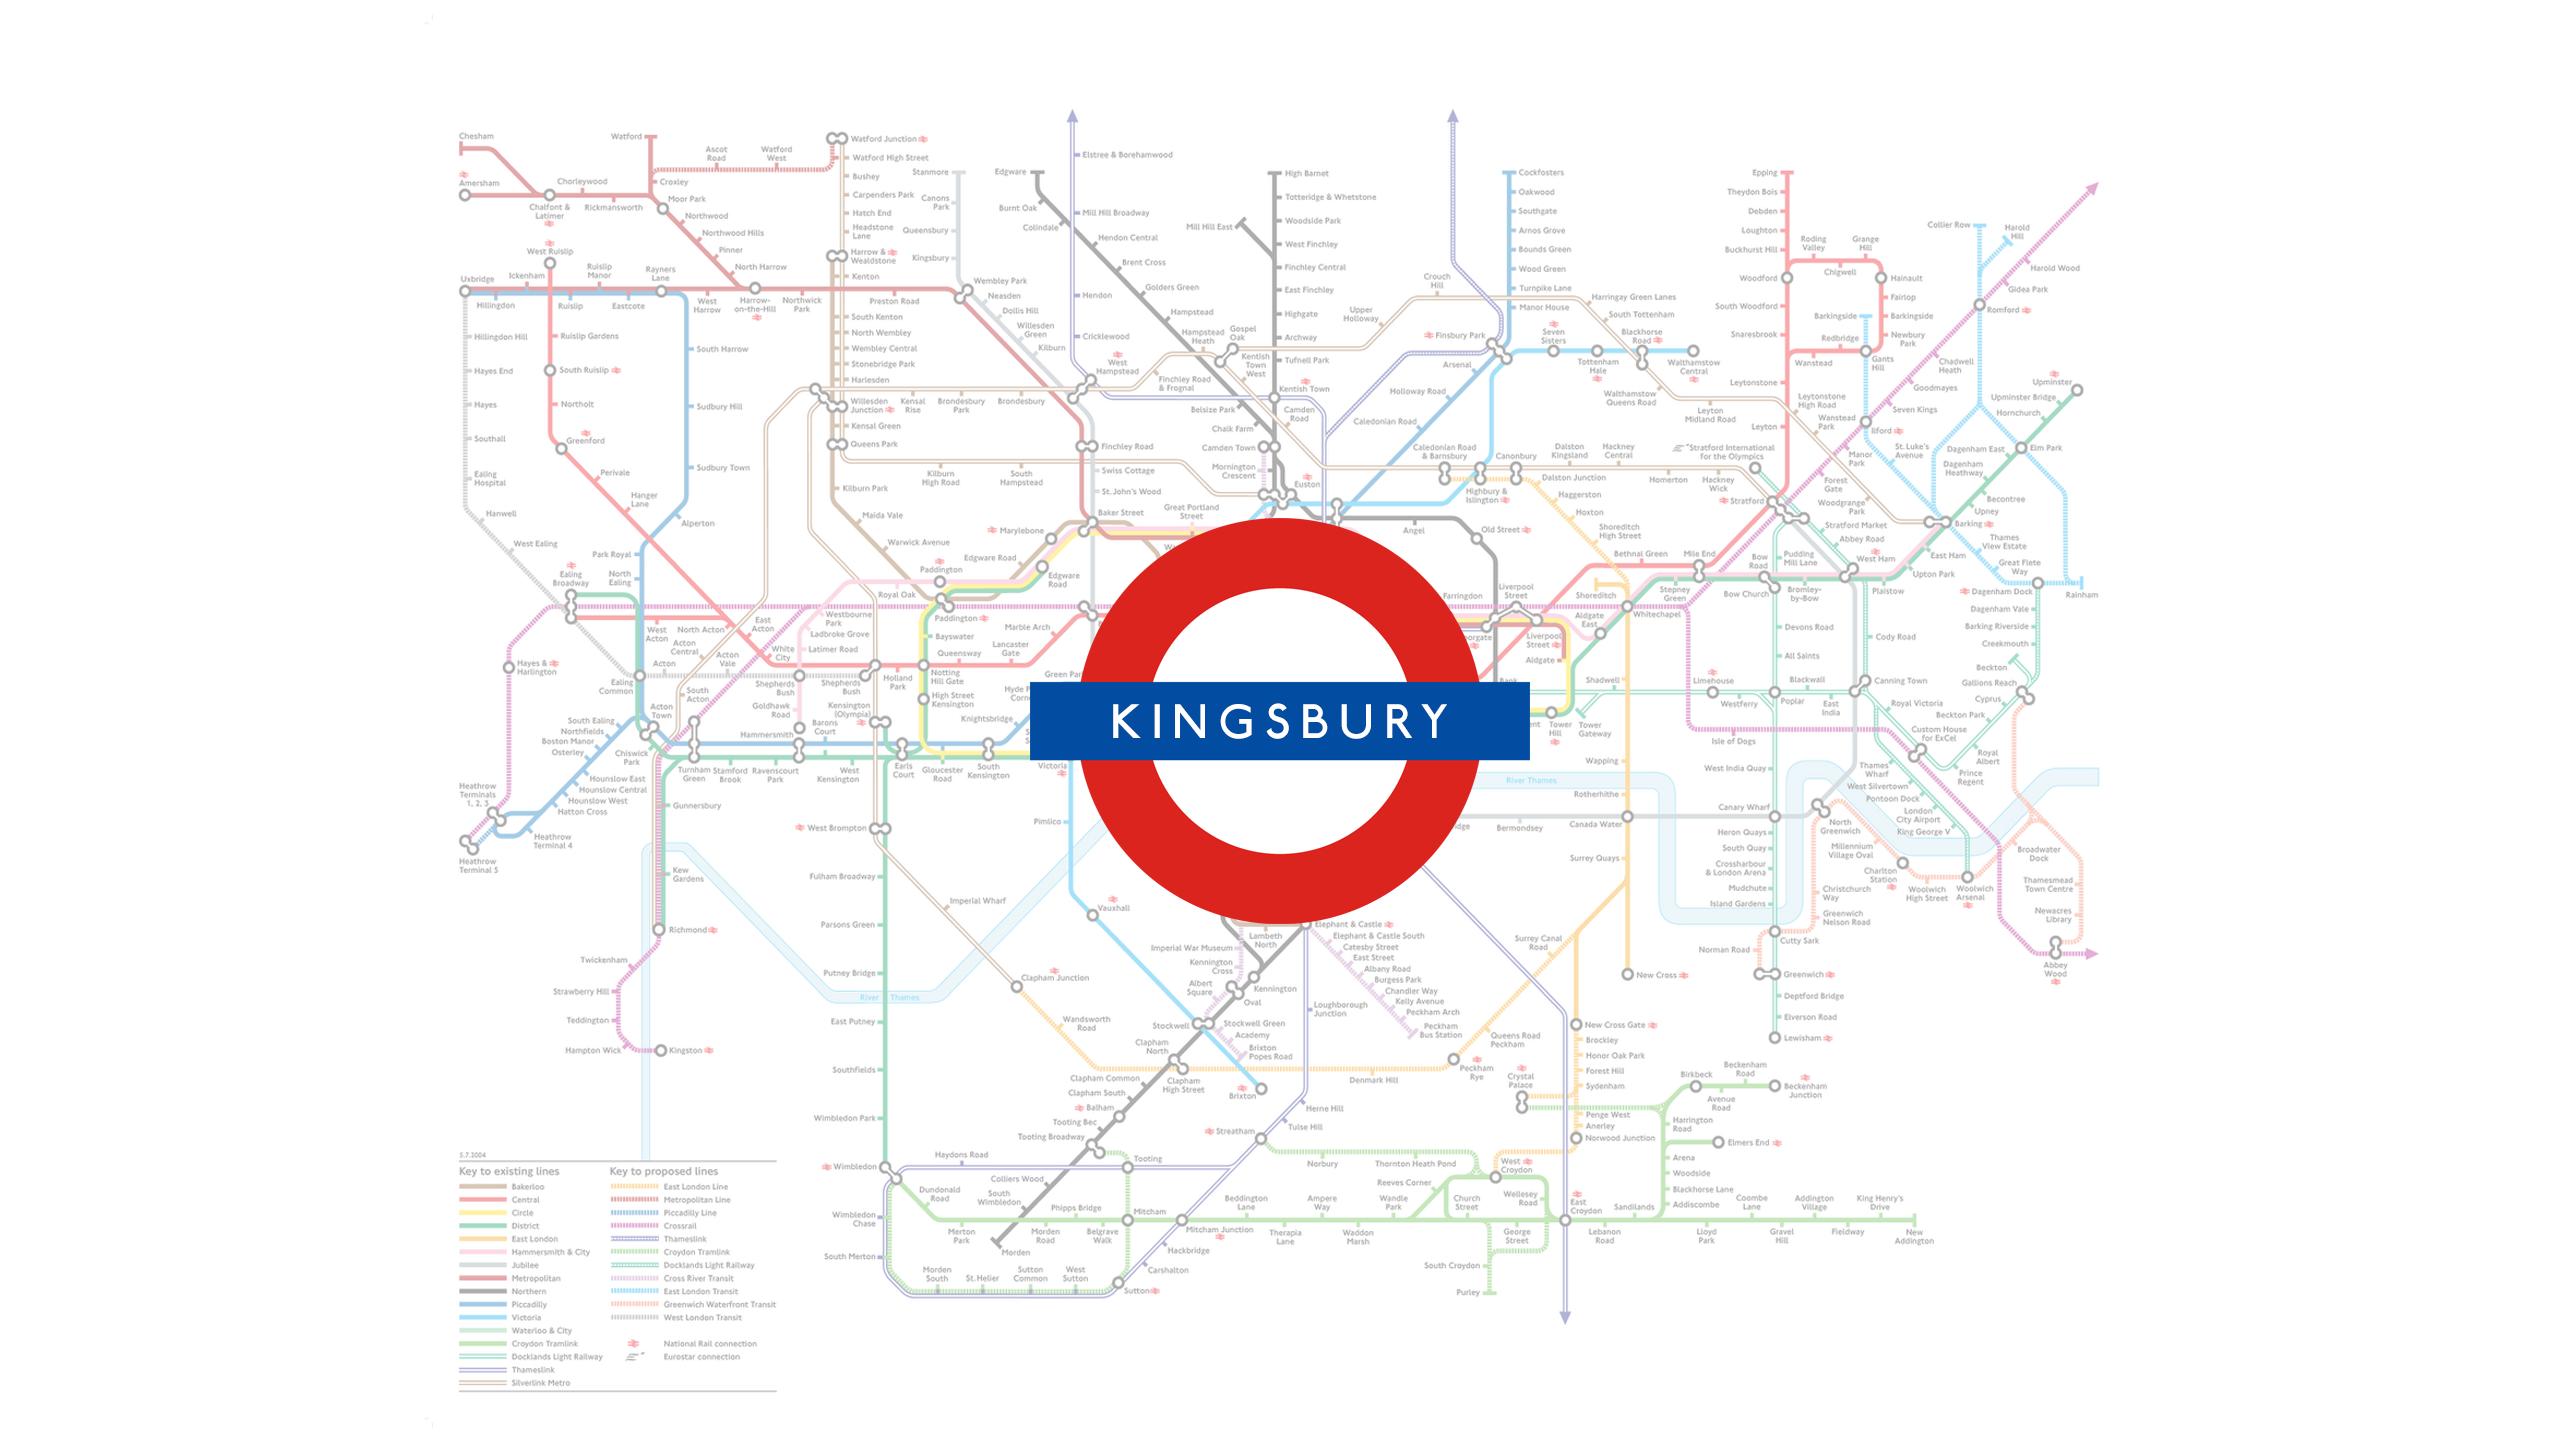 Kingsbury (Map)